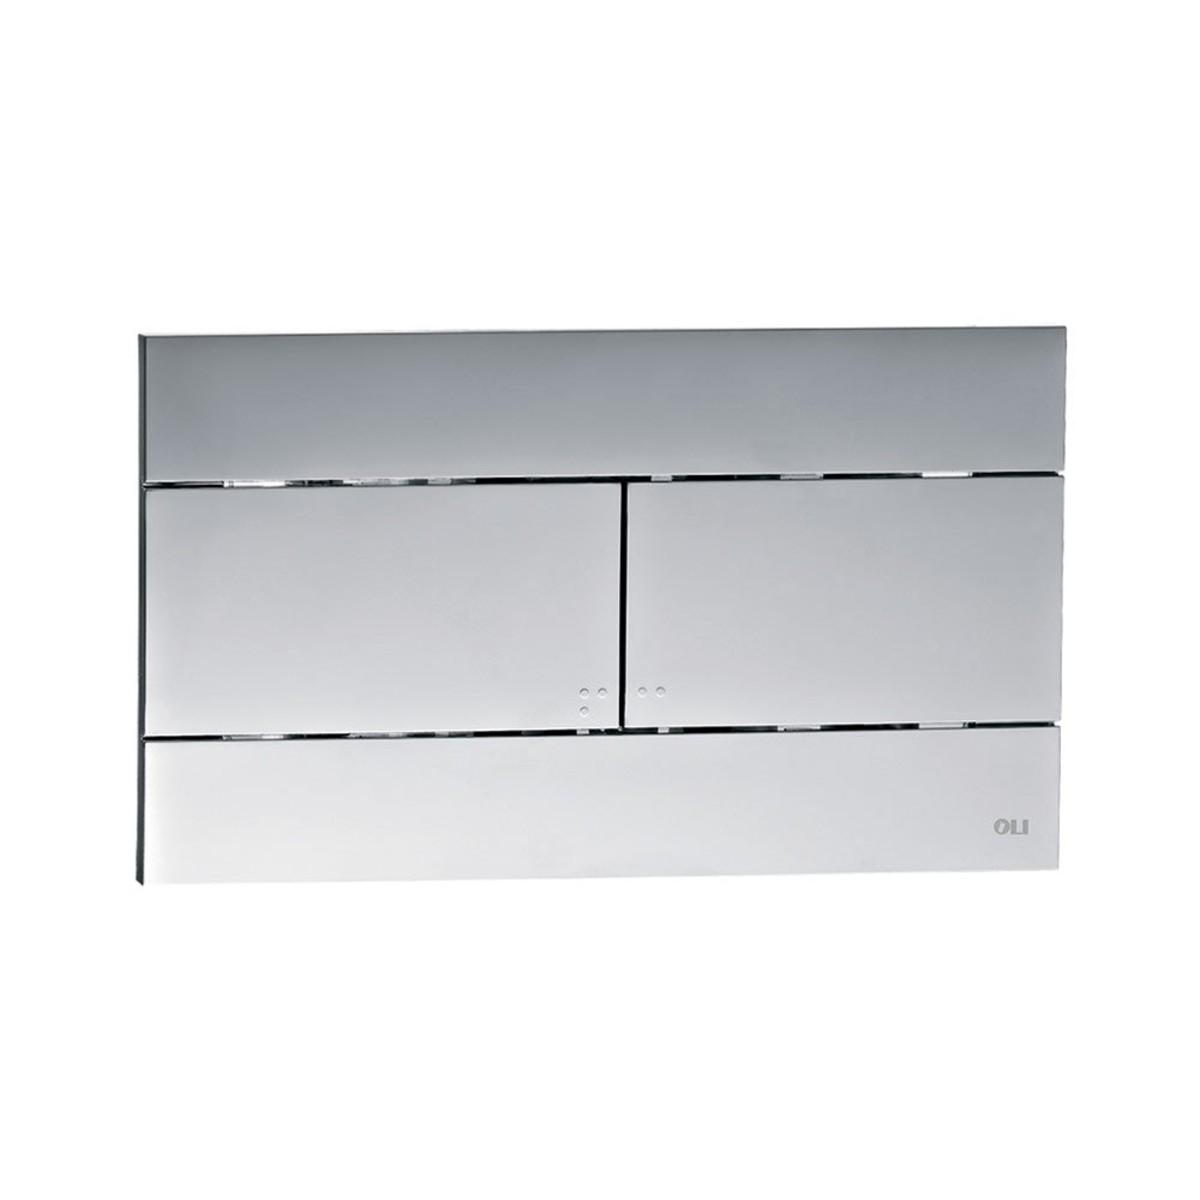 Панель смыва для инсталляции Oli Slim 659046